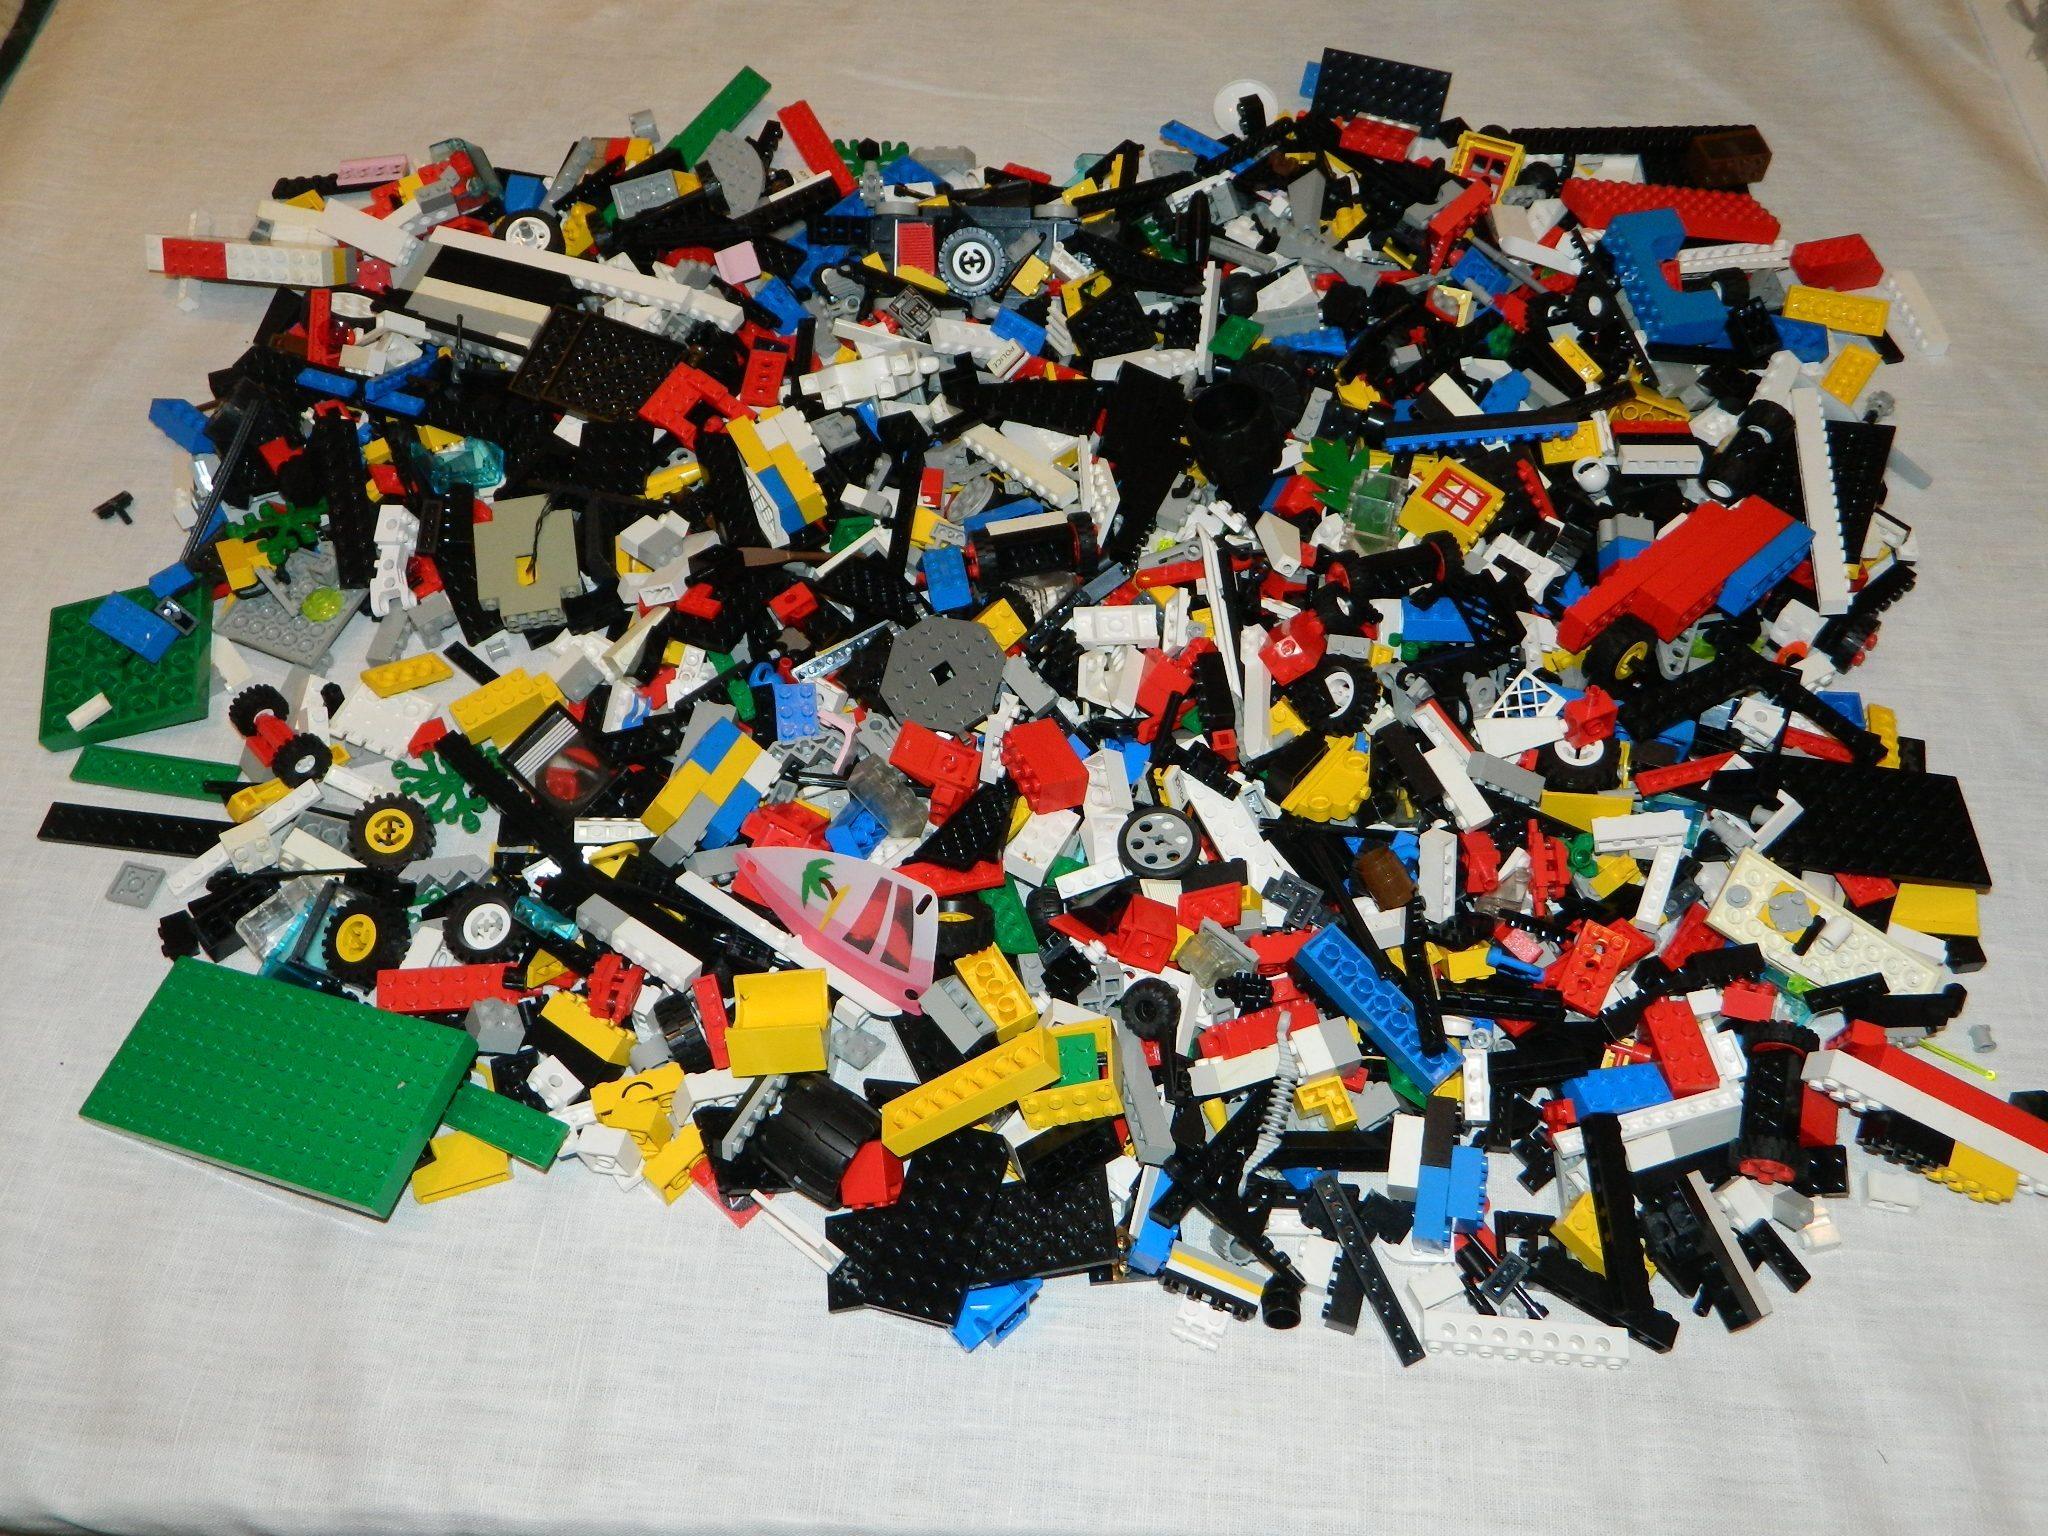 Lego blandat 3 kg plattor, dörrar, fönster 80 - 90-tal, 90-tal, 90-tal, space riddare city m.m 191aa1